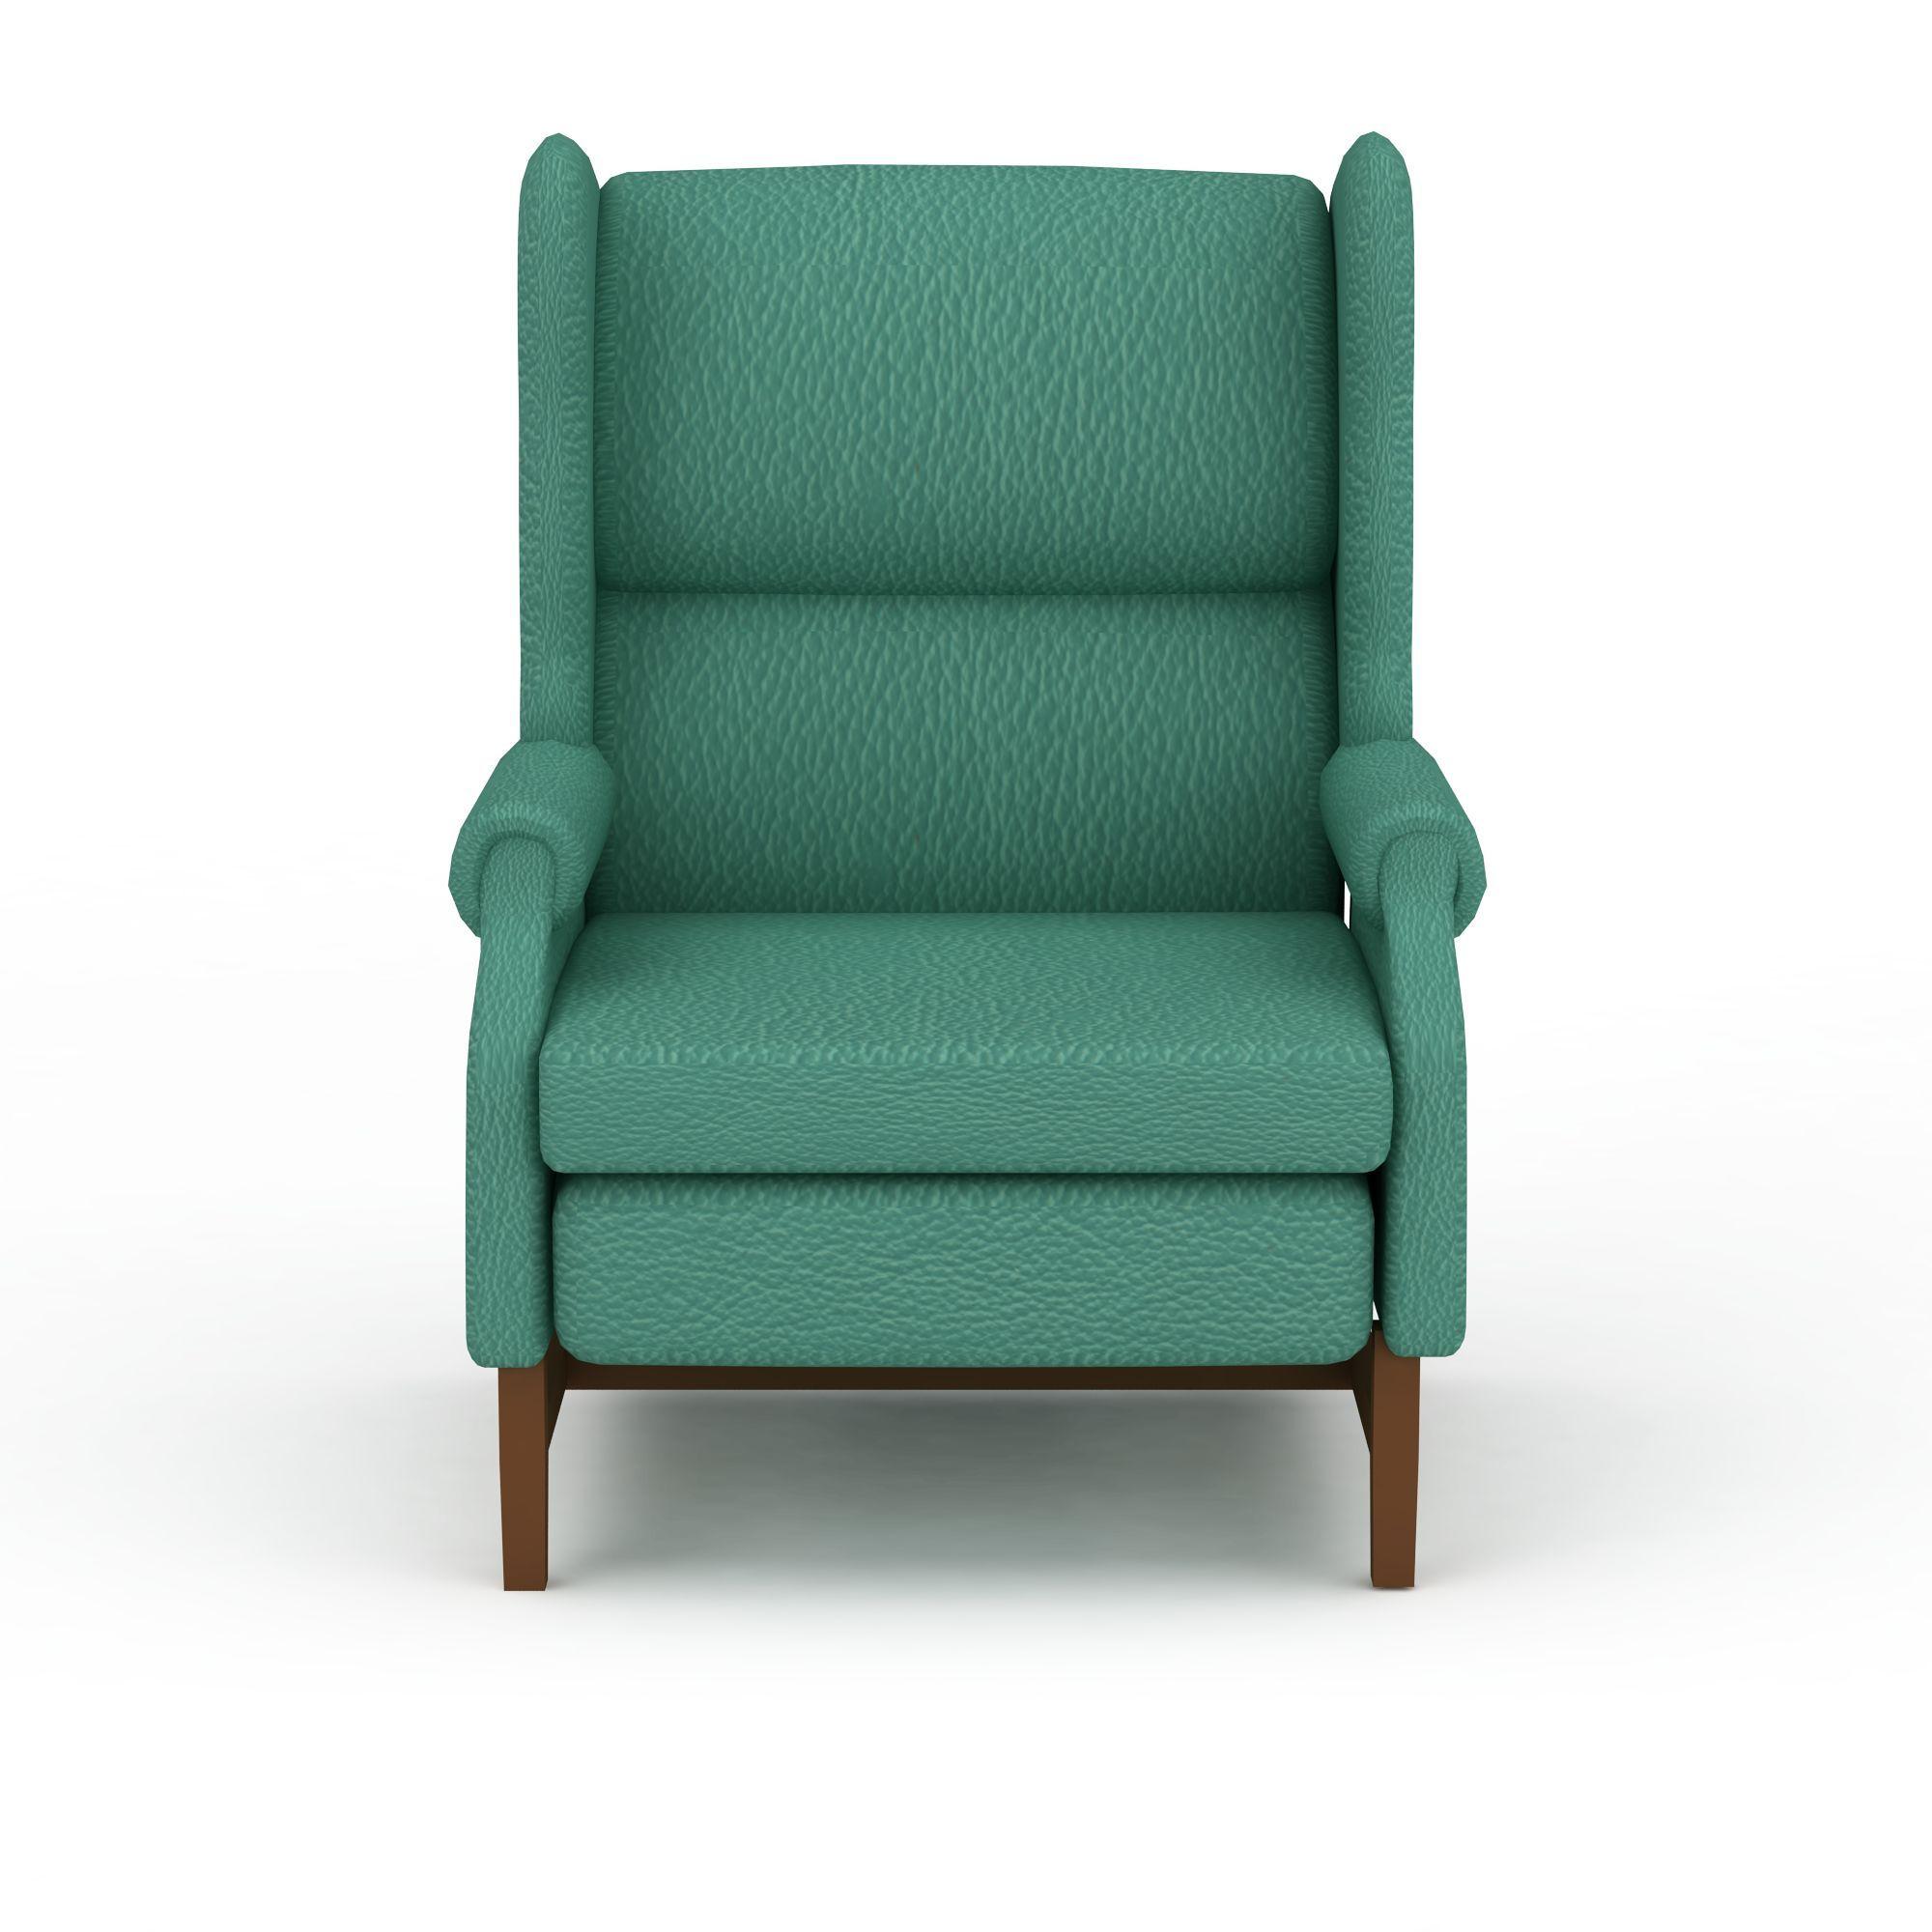 单人沙发高清图下载